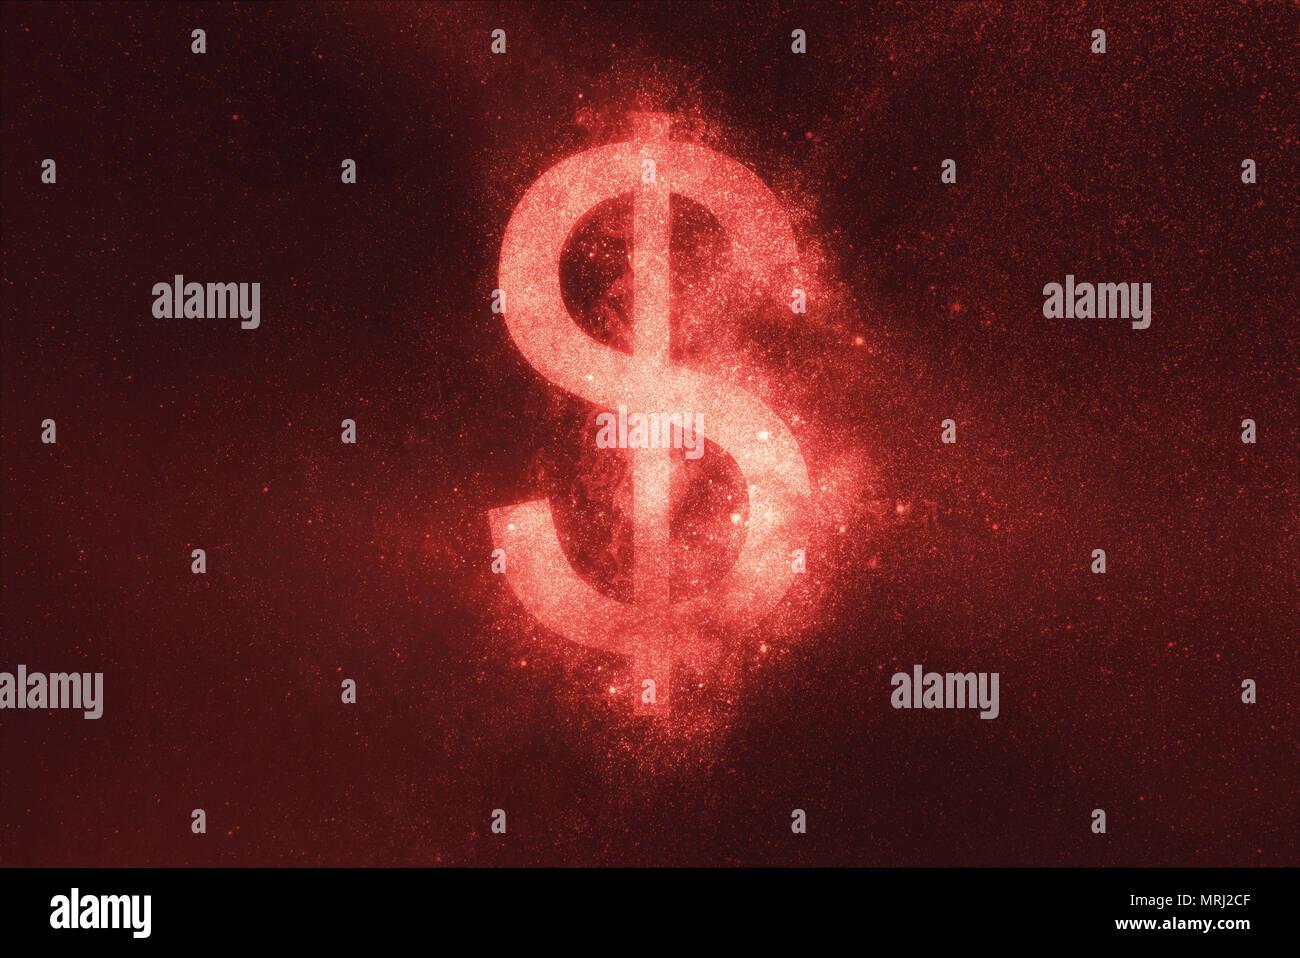 Dollarzeichen, Dollar, Symbol. Abstrakte Nacht Himmel Hintergrund Stockbild